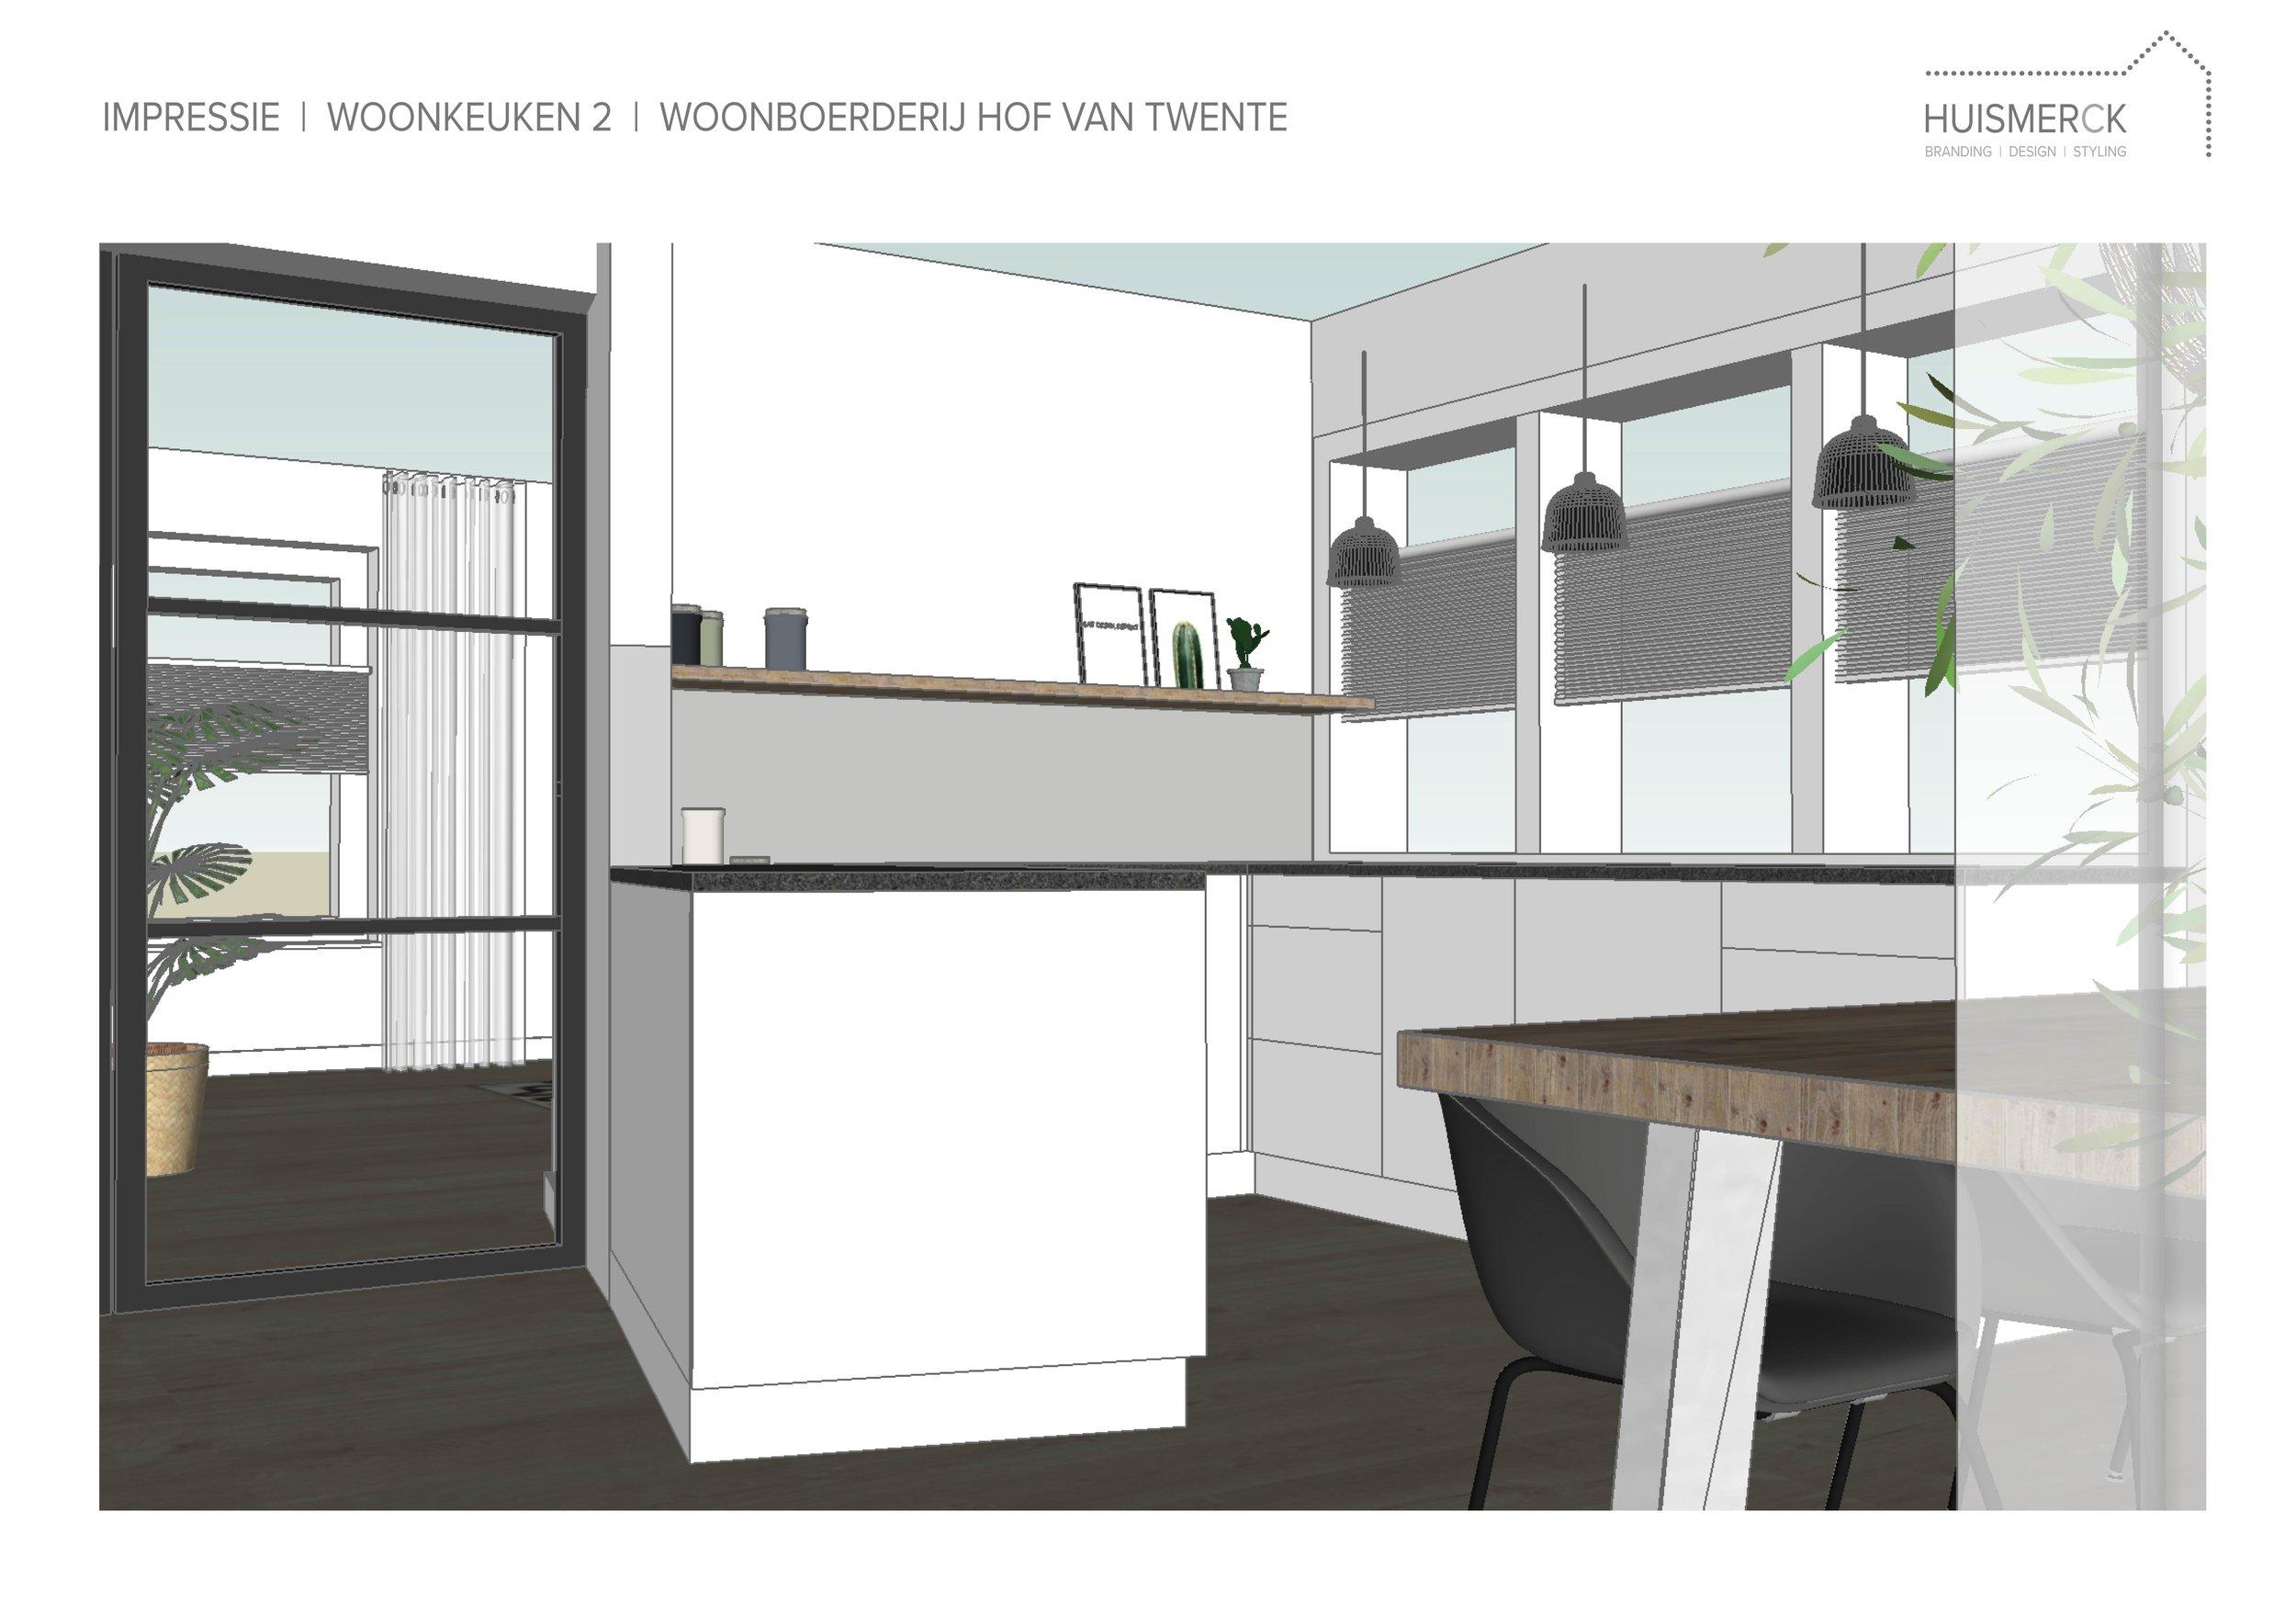 HUISMERCK®_impressie_woonkeuken_2_Hof_van_Twente-01-01-01.jpg